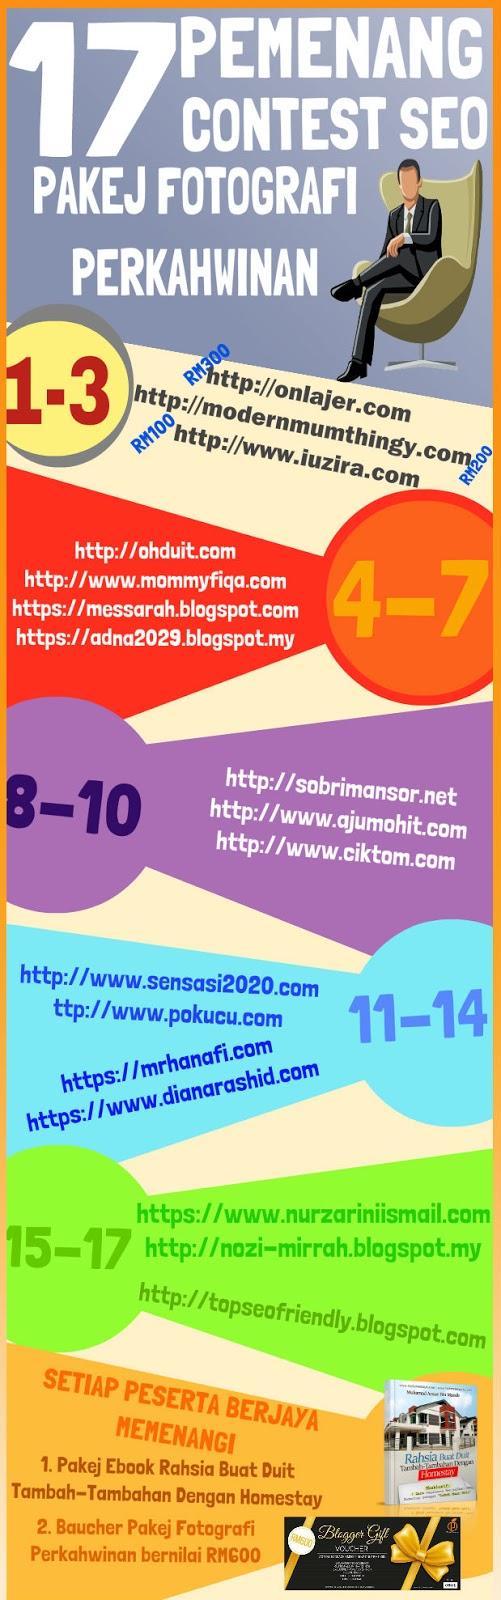 Senarai Pemenang Contest SEO Pakej Fotografi Perkahwinan